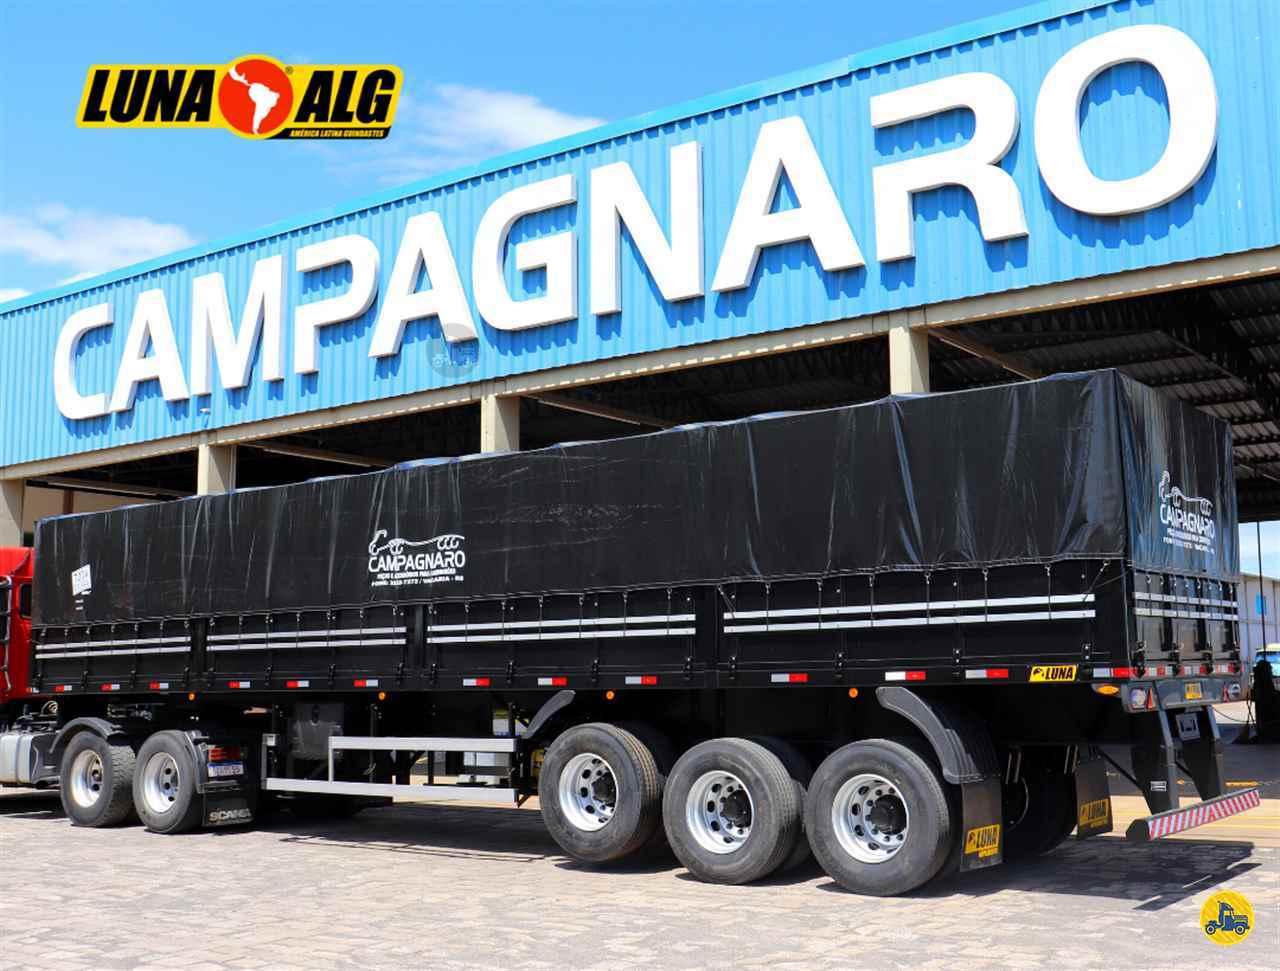 SEMI-REBOQUE GRANELEIRO  2020/2021 Campagnaro Caminhões